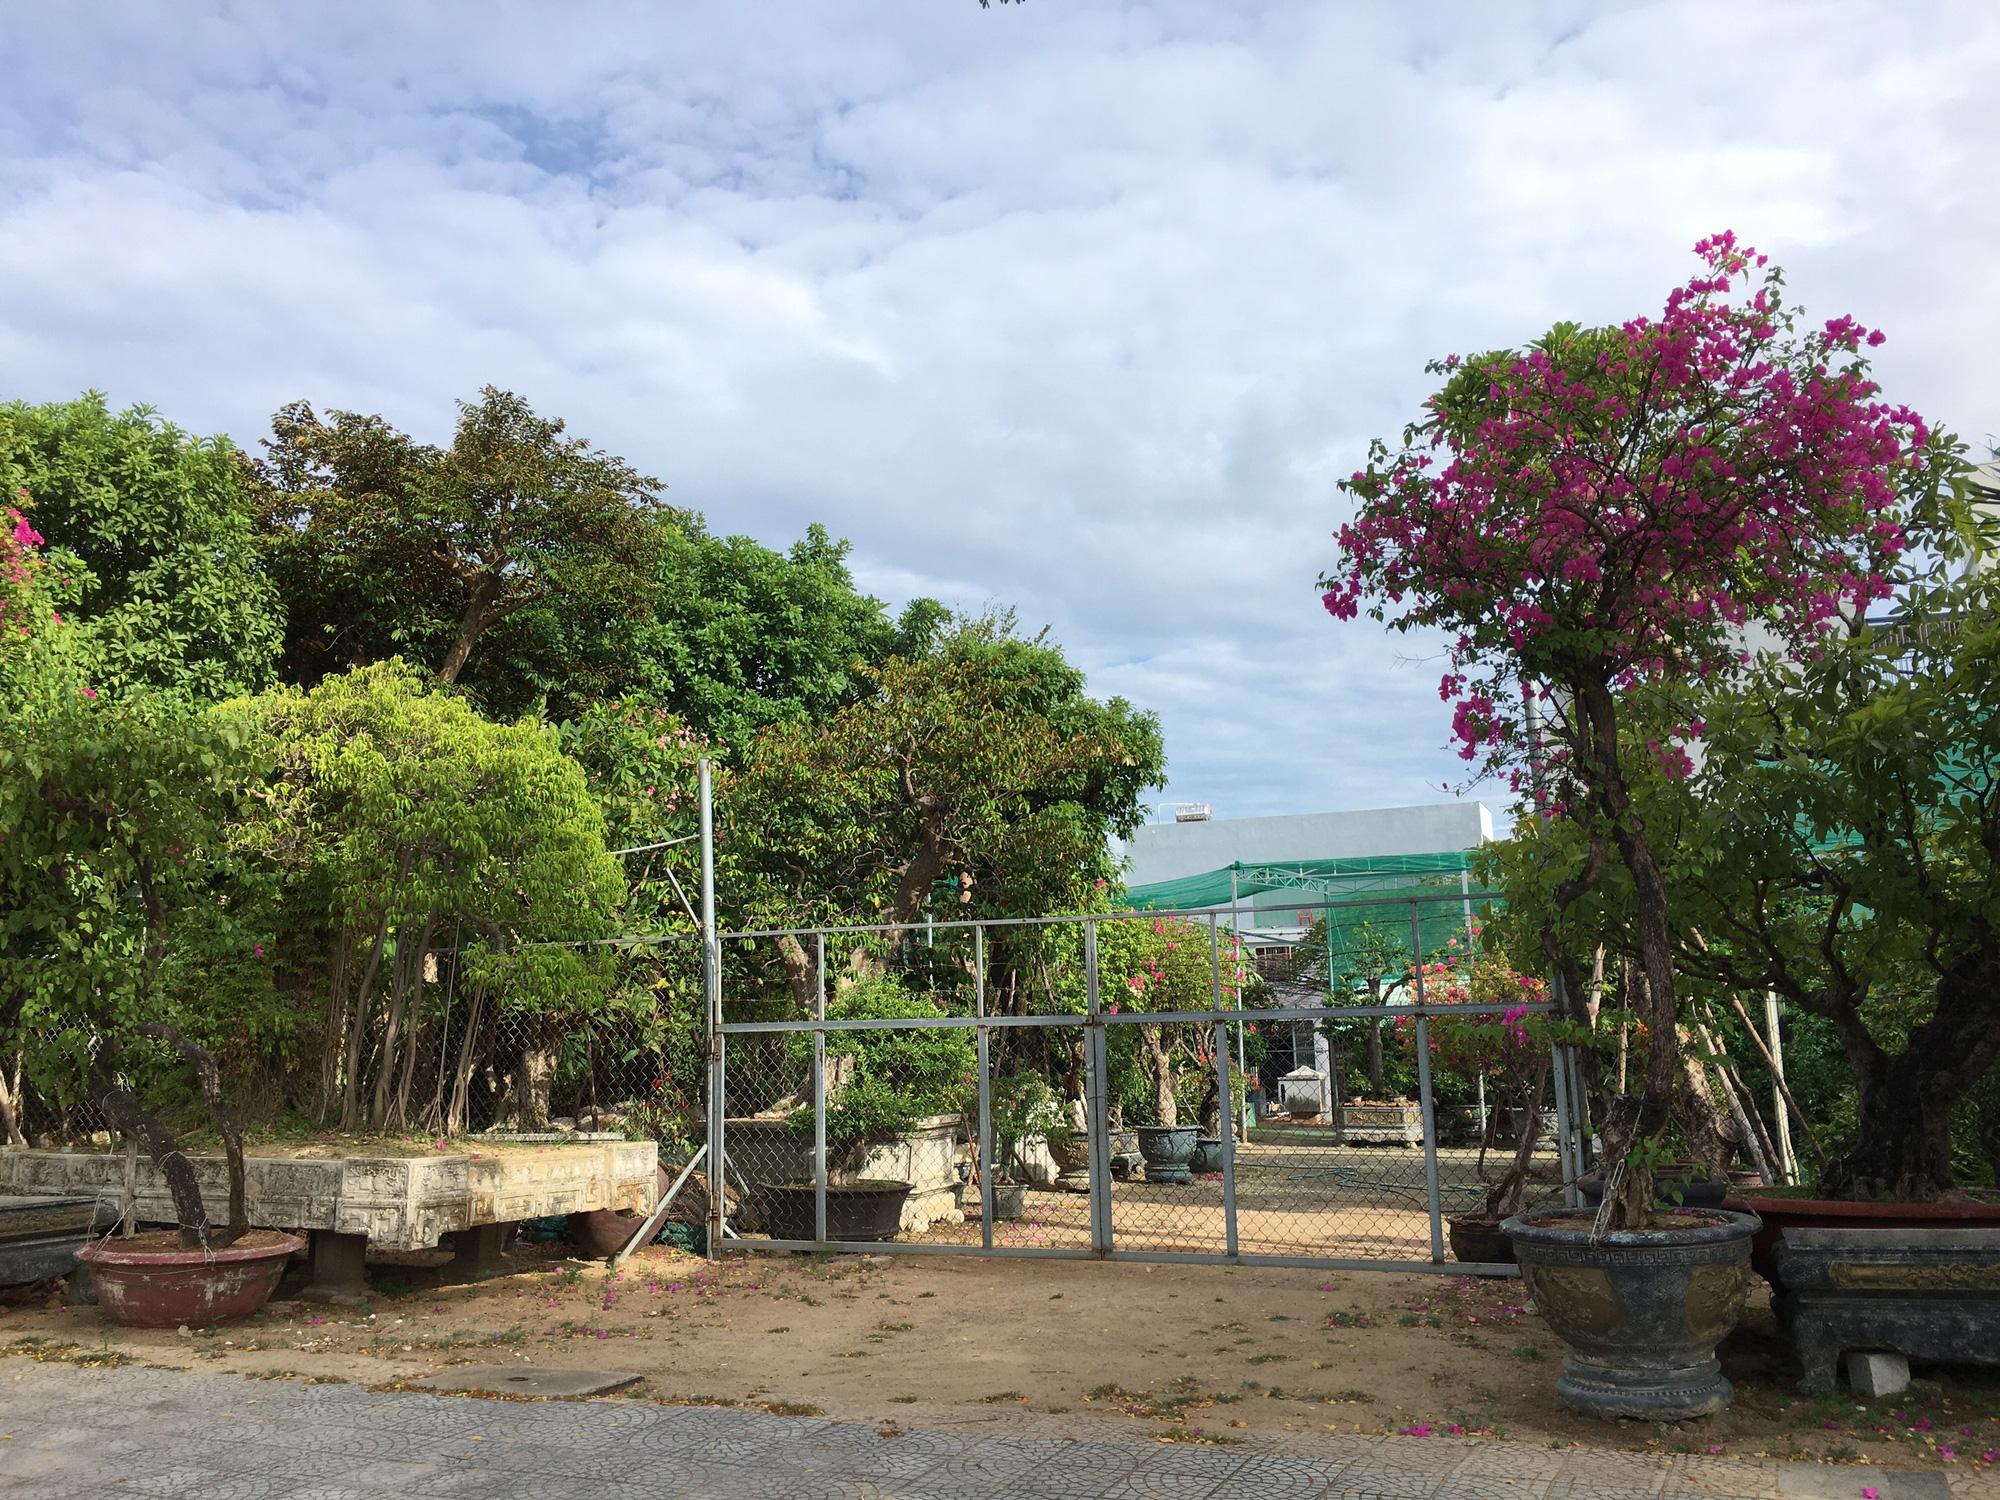 Cận cảnh hai khu đất mặt tiền đường Võ Văn Kiệt - Ngô Quyền, Đà Nẵng sẽ đấu giá xây dựng dự án cao 30 tầng - Ảnh 7.